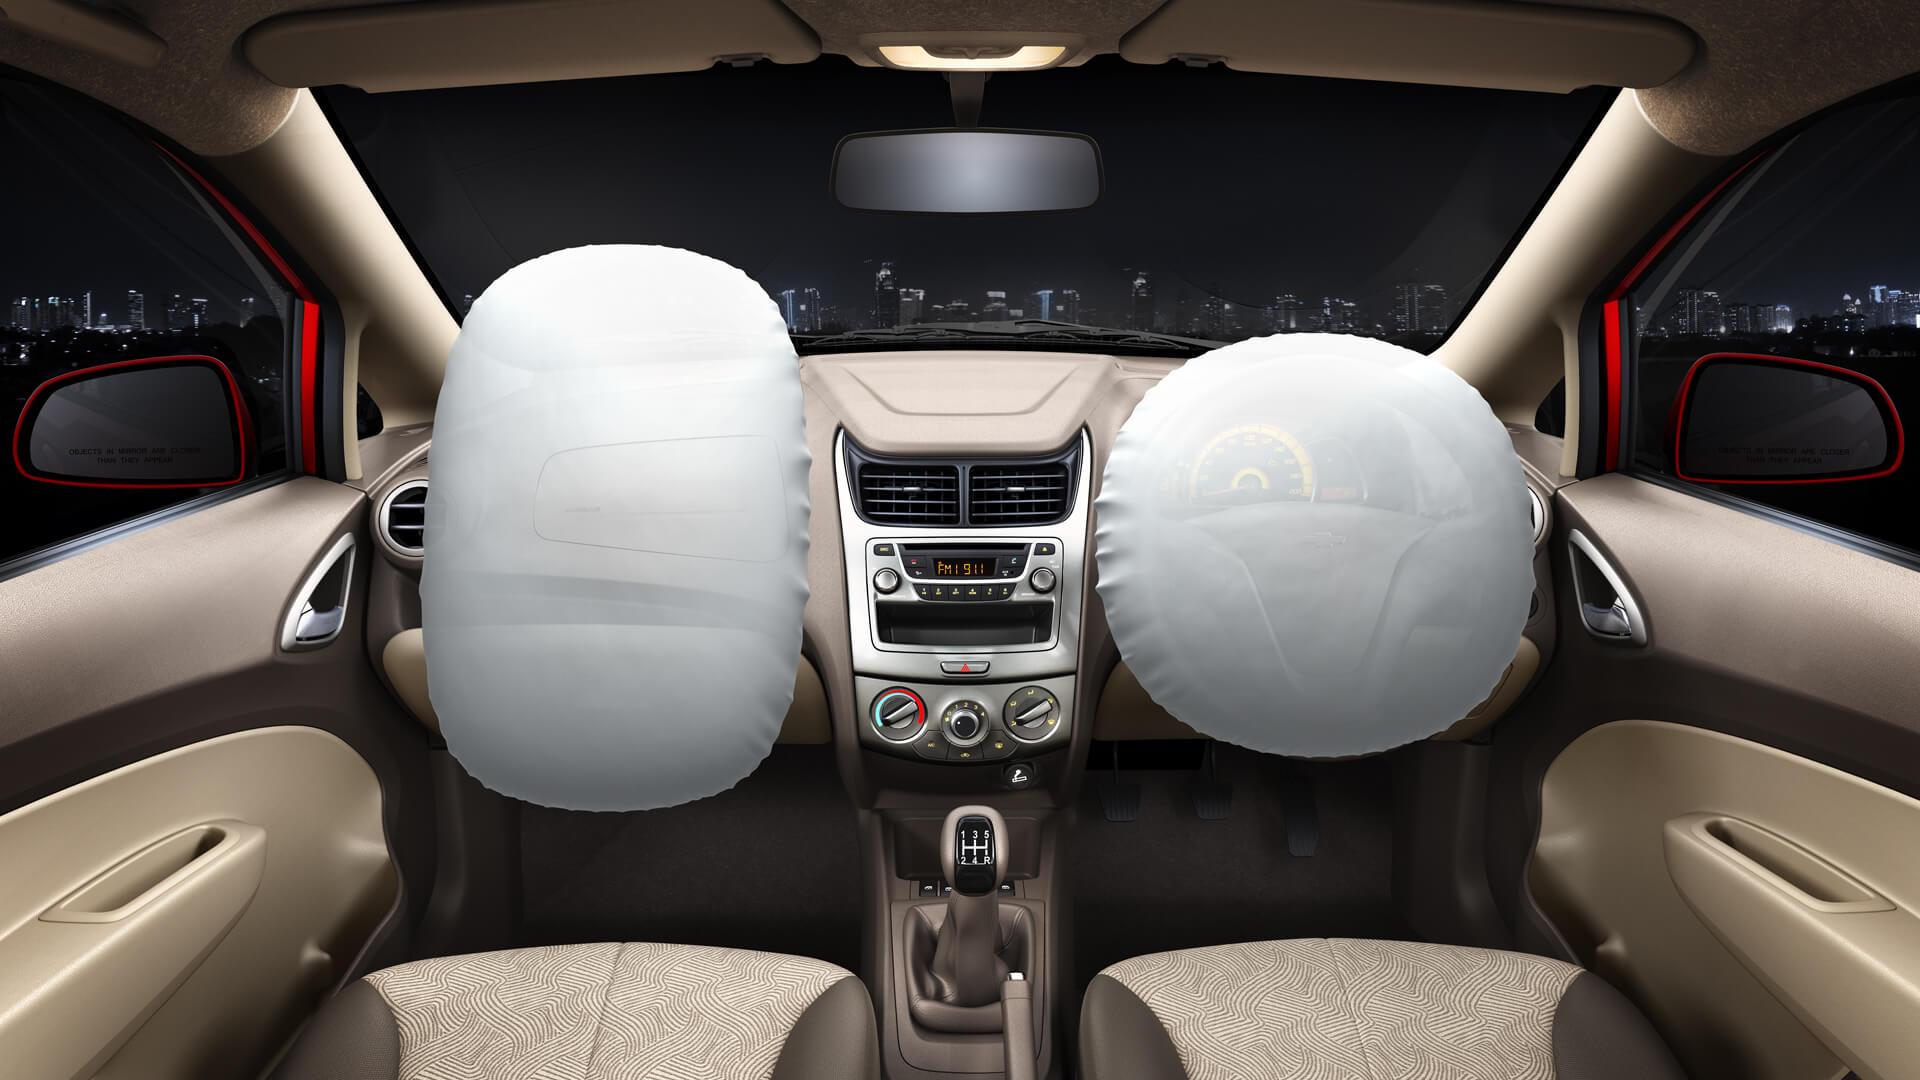 अब कार में जरूरी होगा डबल एयरबैग, 1 अप्रैल से लागू हो रहा है नया नियम